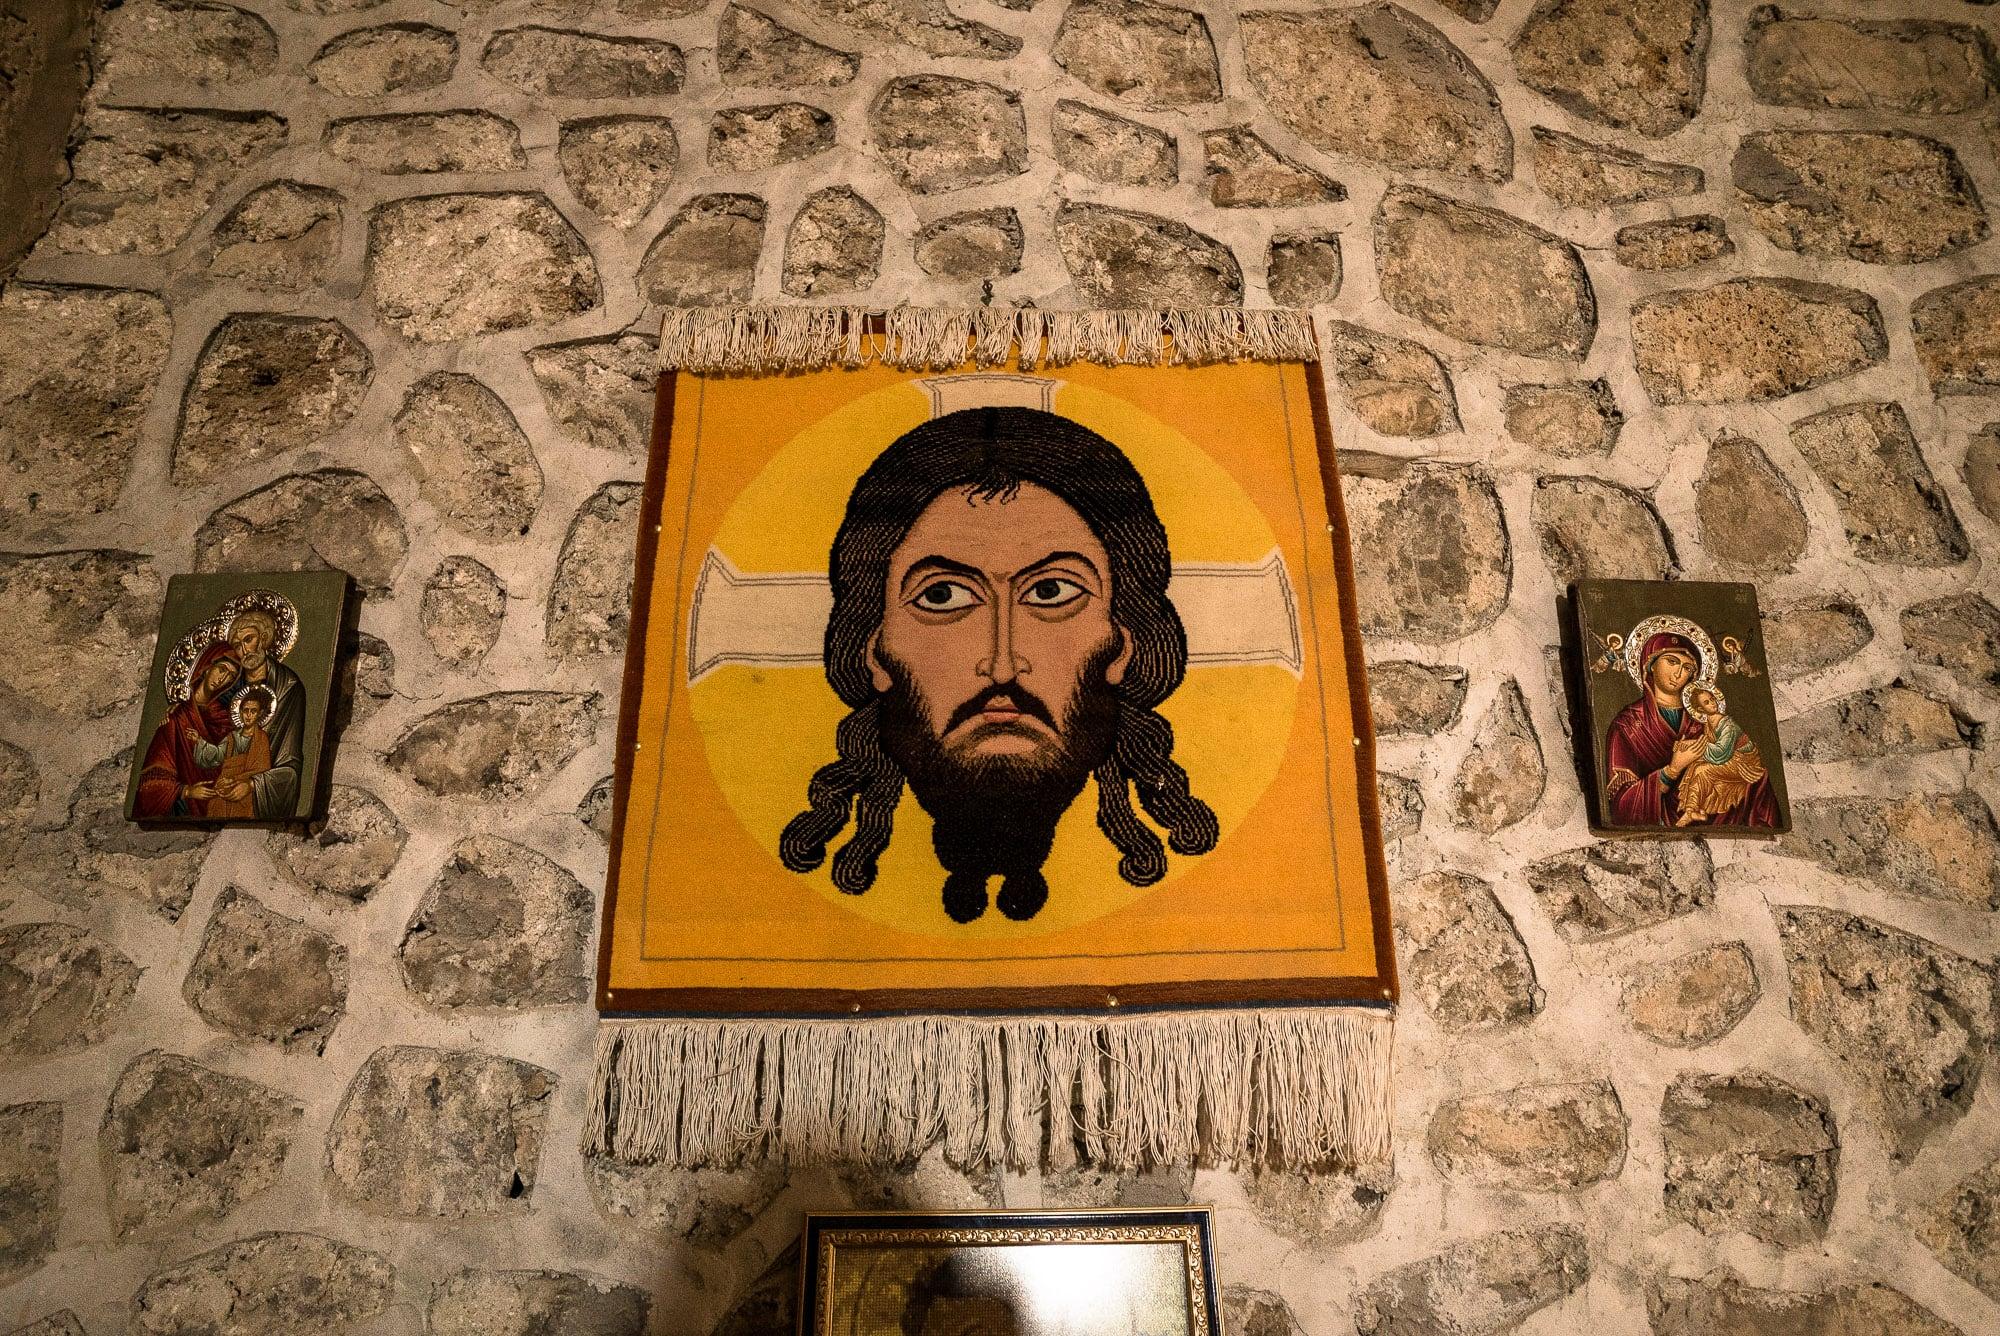 Rhasta Jesus?